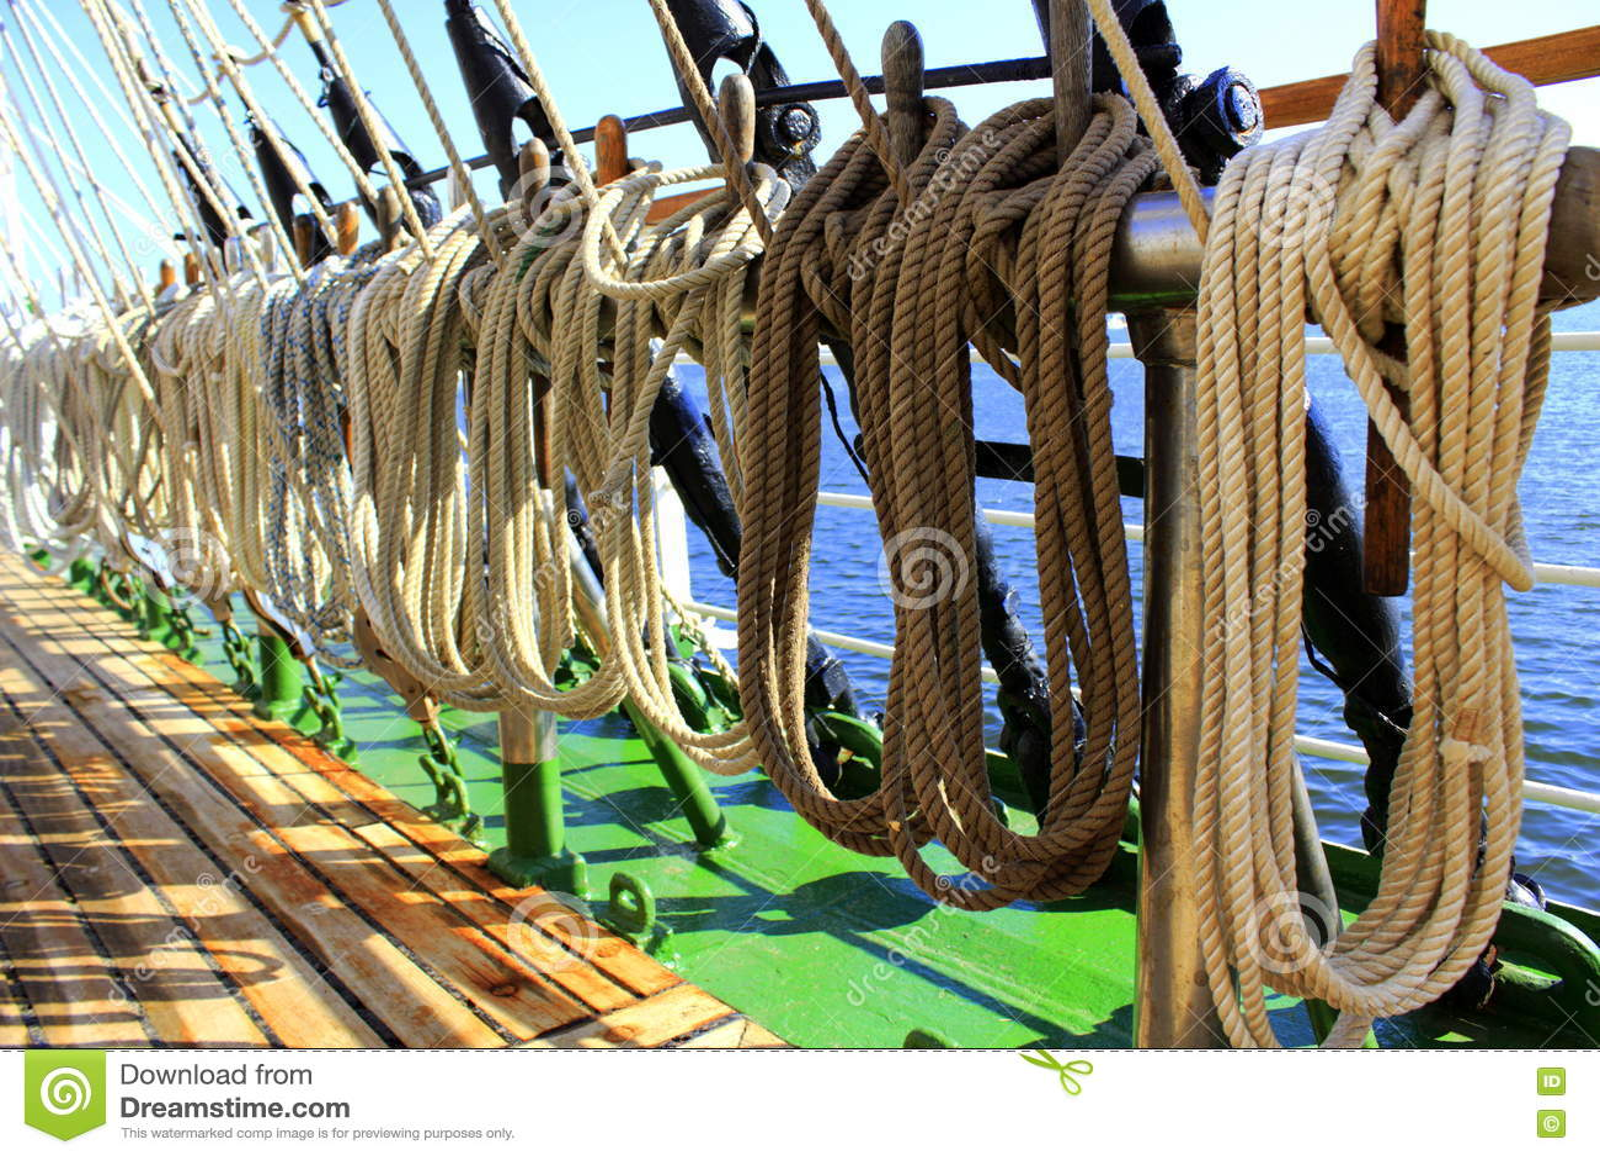 Seglingskytteln ropes riggning